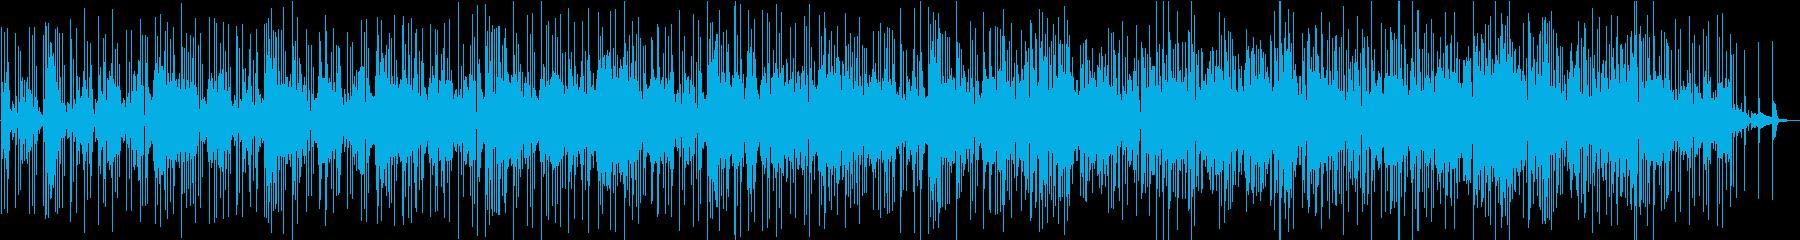 テクノロジーのネガティブな印象の再生済みの波形